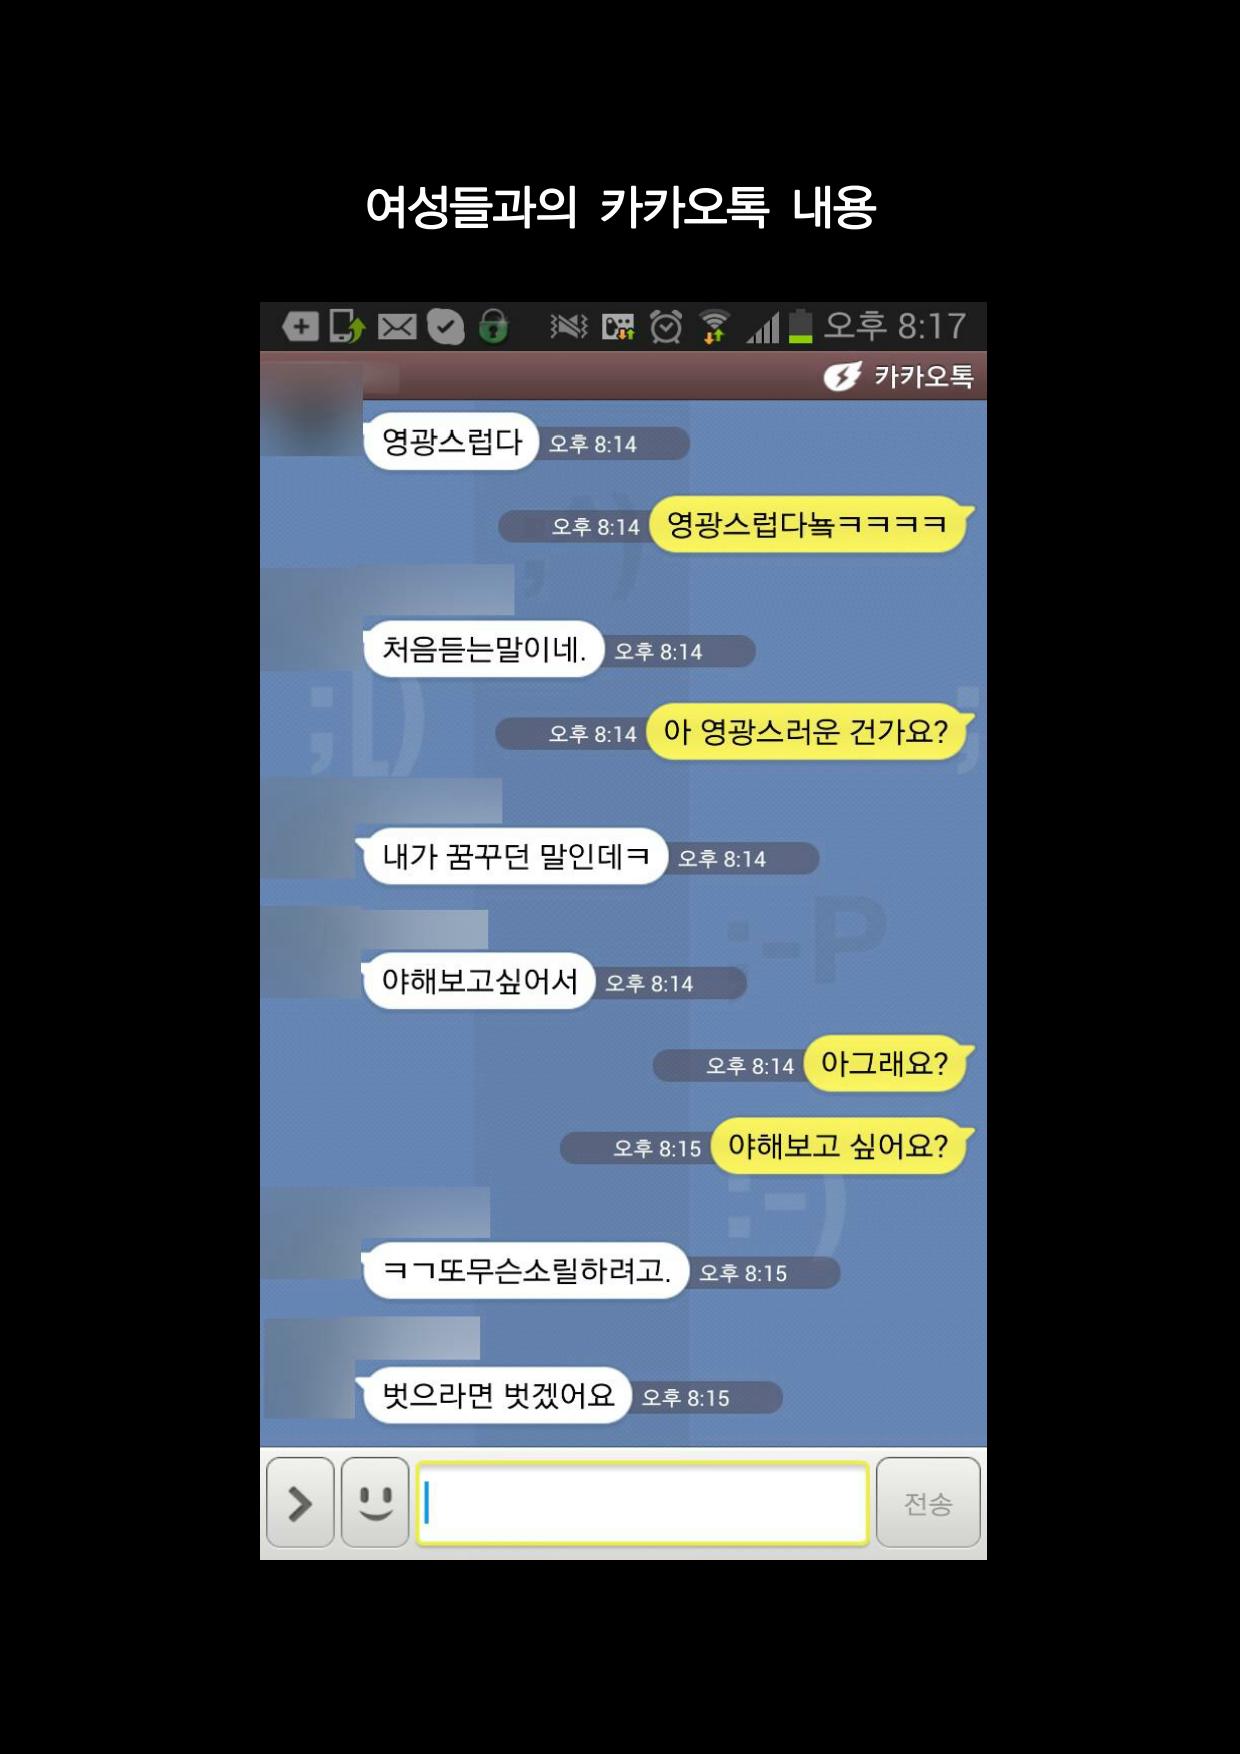 본 머티리어 1회차 홍보글 v3(수강후기 따로 편집요함)_18.png